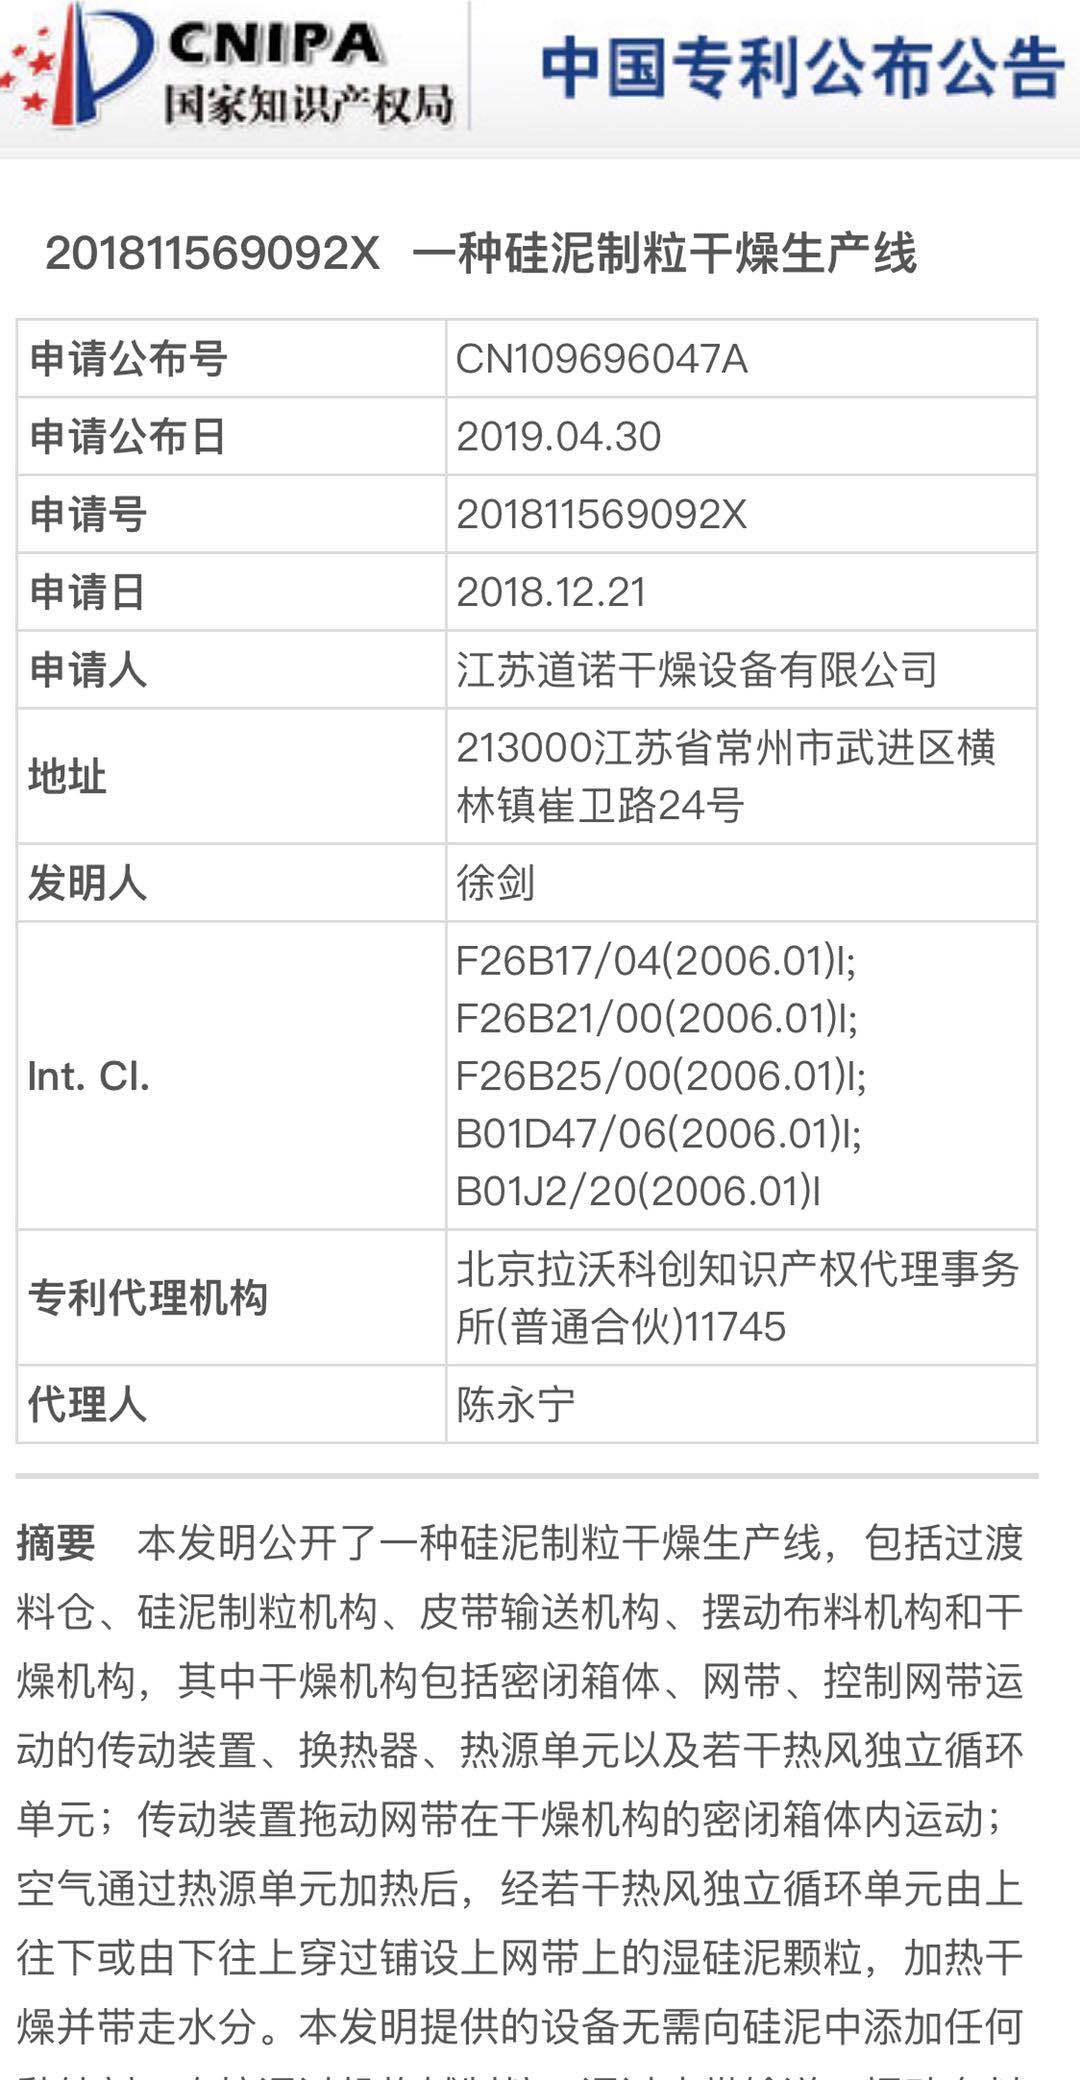 金属硅3303烘干机 金属硅3303干燥机 硅泥造粒烘干生产线 江苏道诺干燥 专利制造示例图1